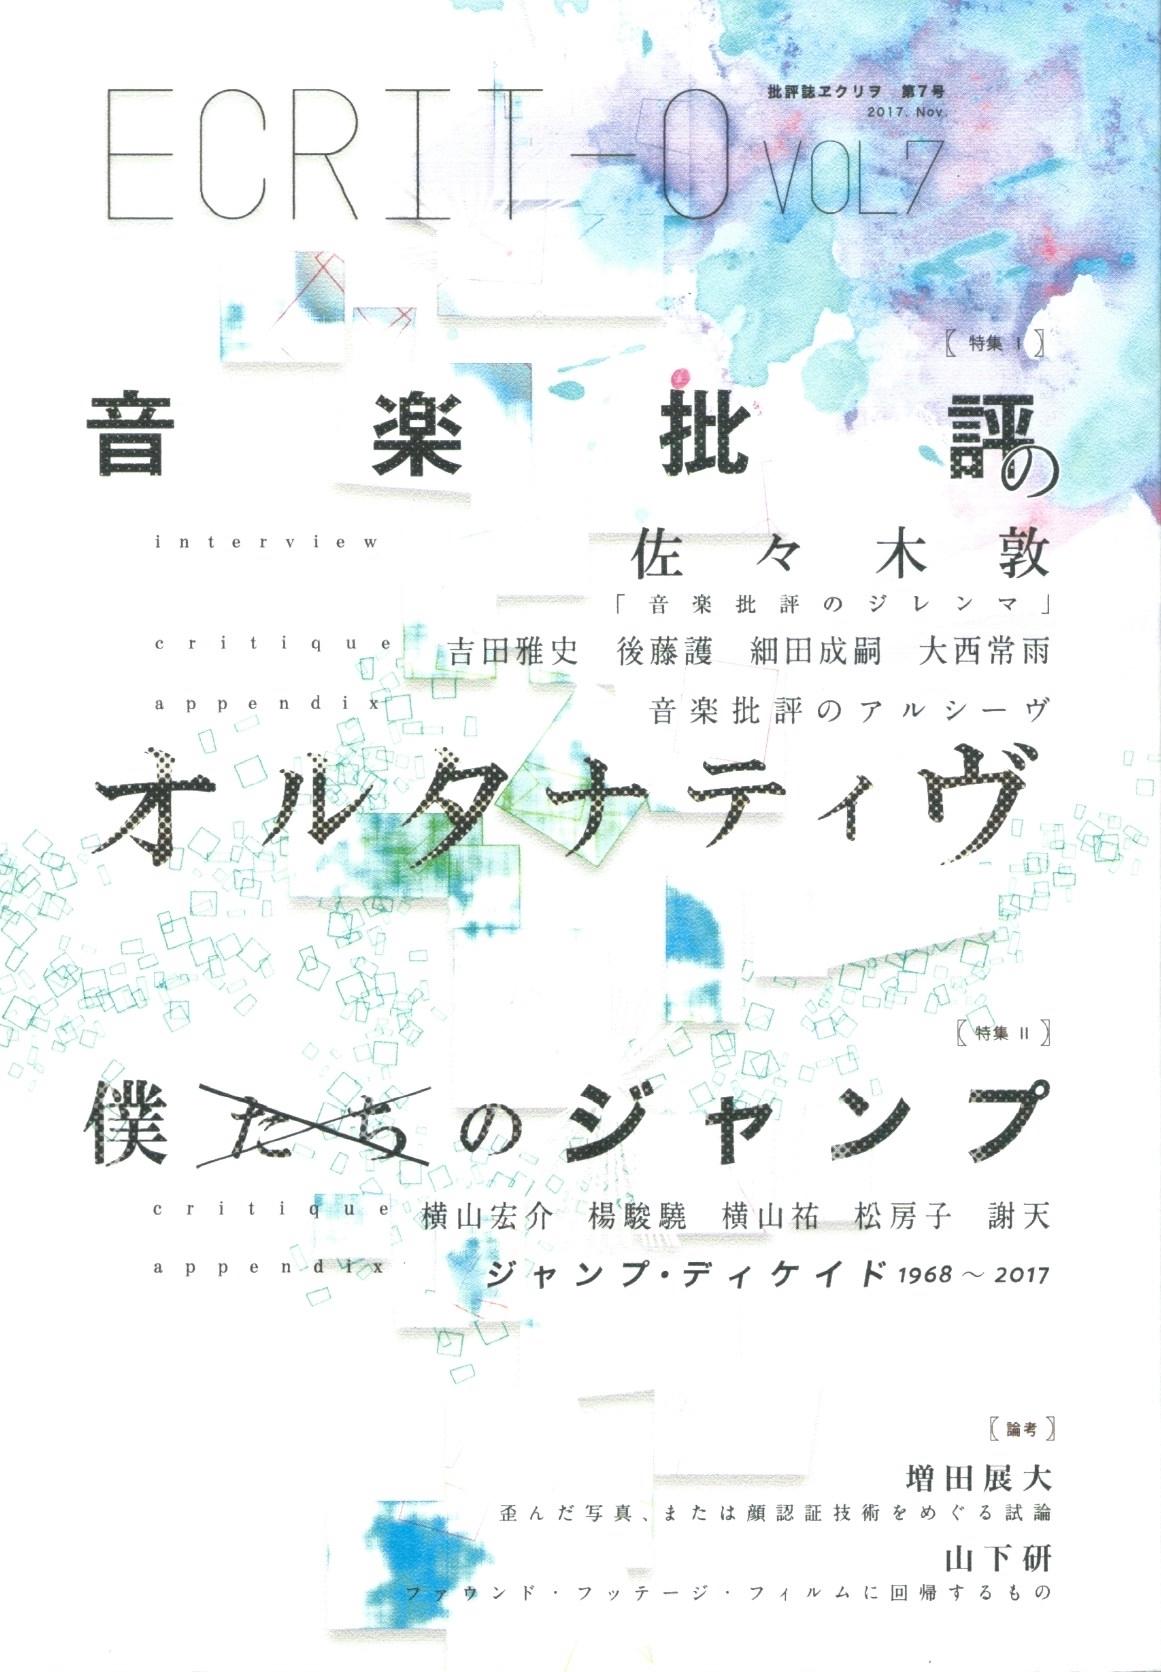 ヱクリヲ vol.7 特集「音楽批評のオルタナティヴ&僕たちのジャンプ」